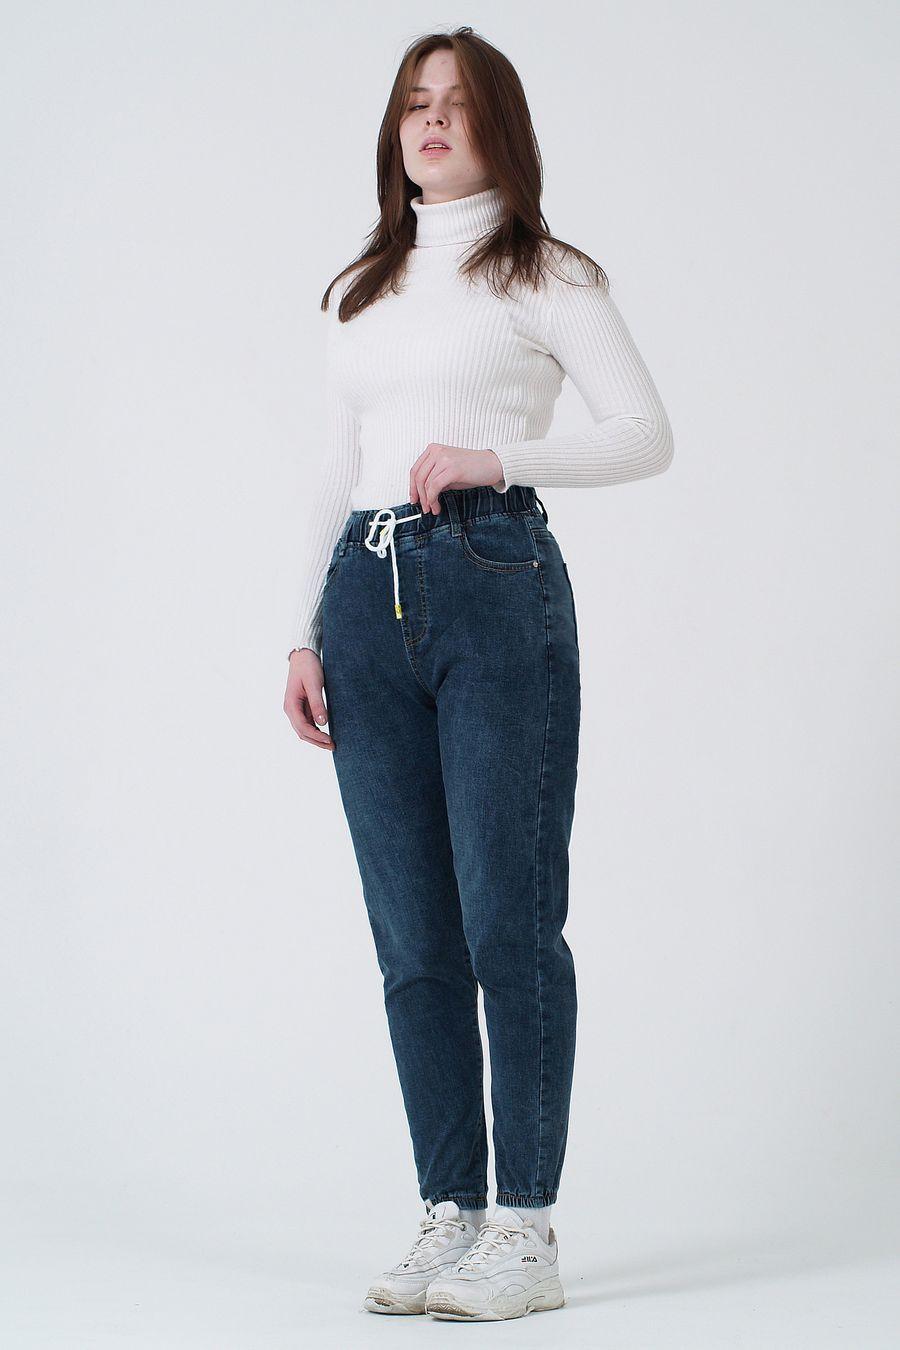 Джинсы женские K.Y Jeans 088 утепленные - фото 1